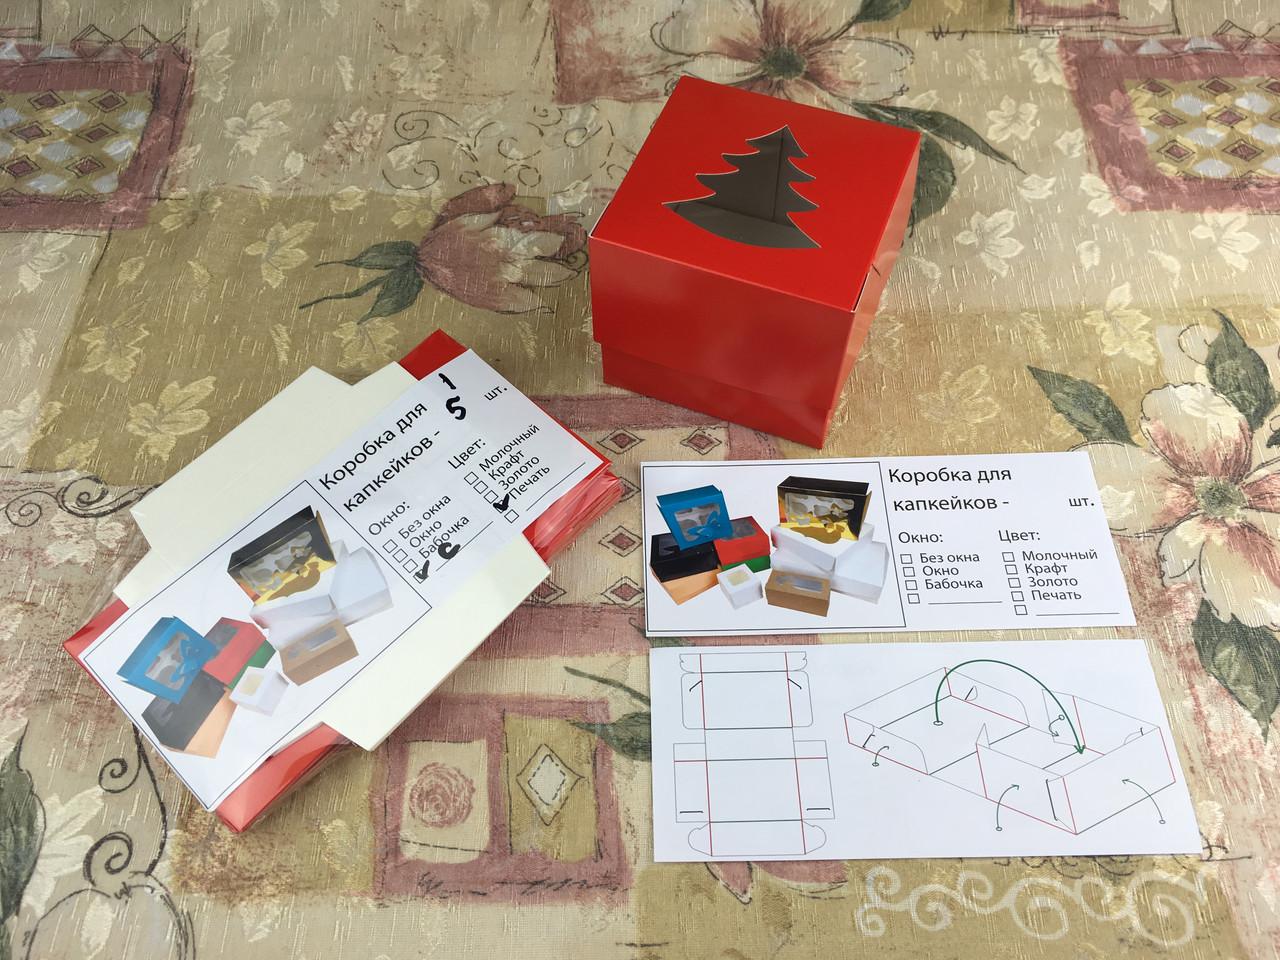 Коробка для 1-ого кекса / 100х100х90 мм / печать-Красн / окно-Елка / НГ